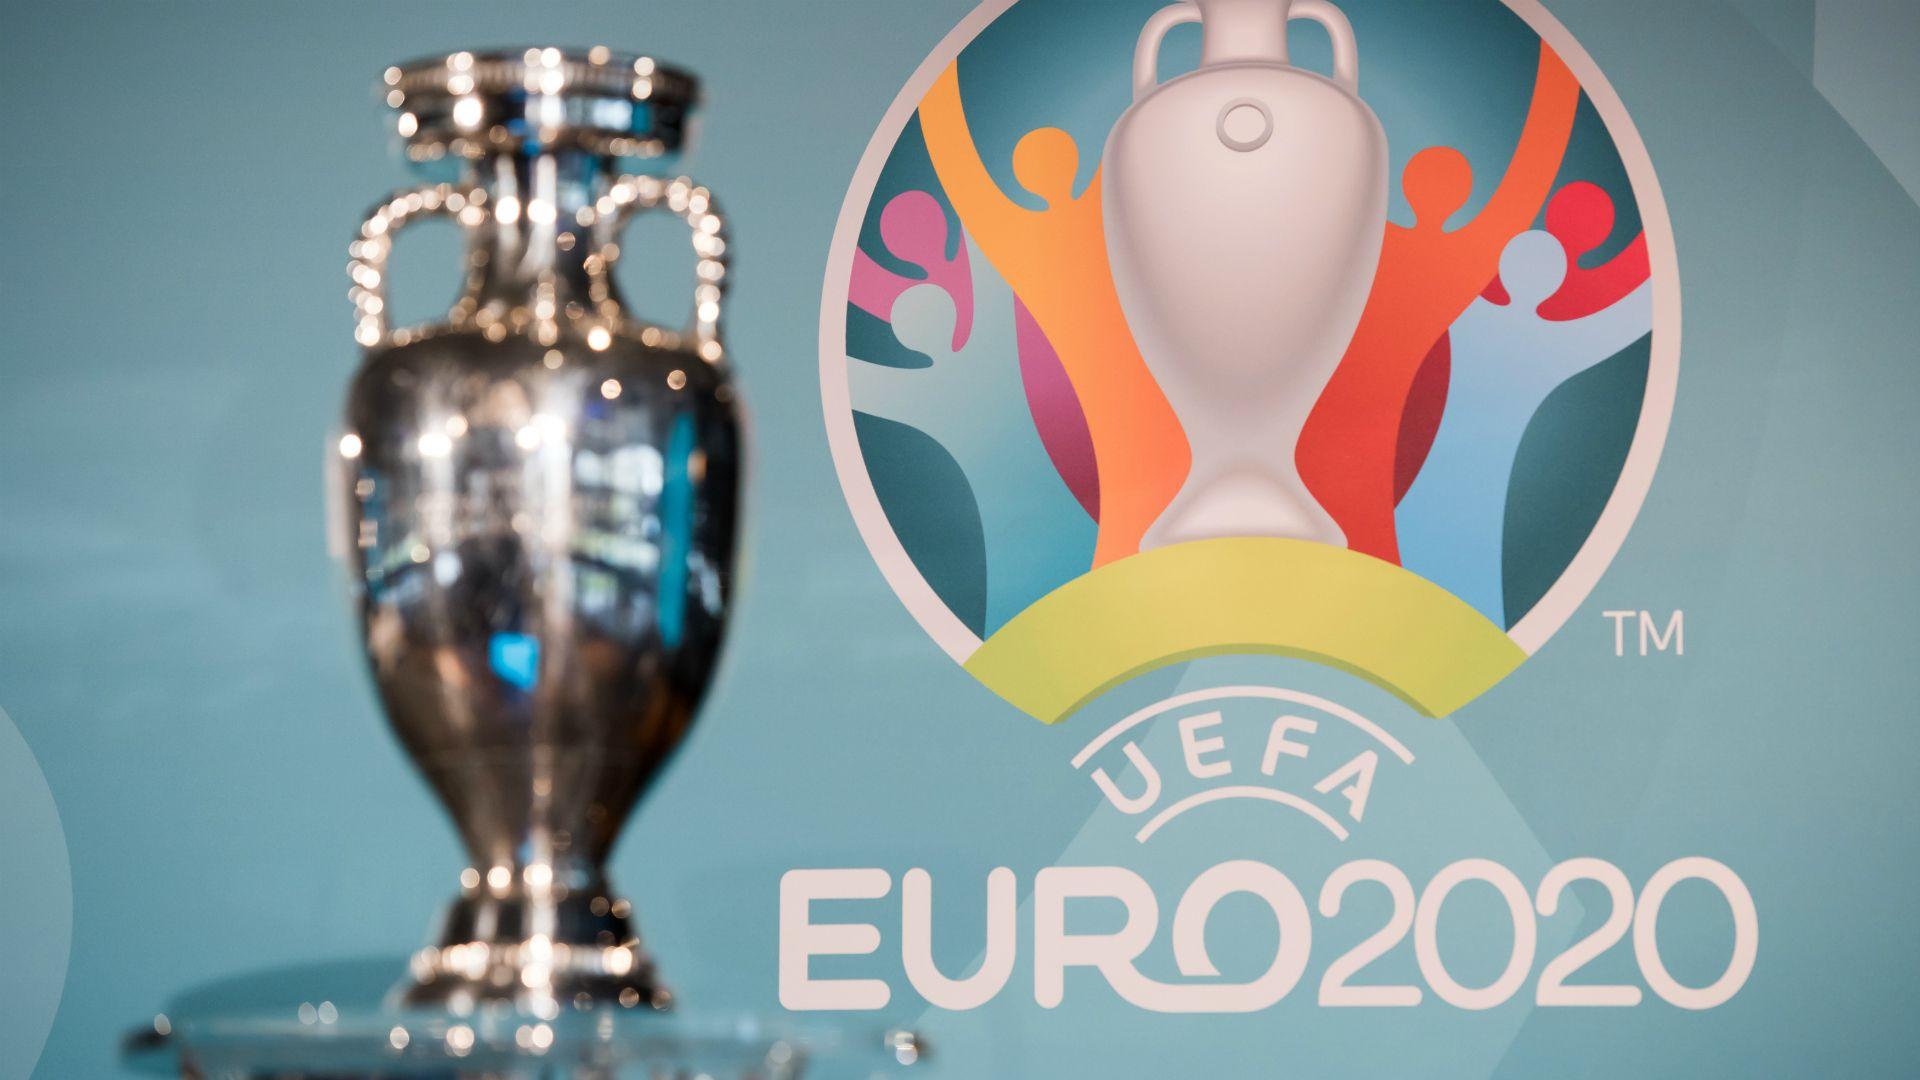 Giải đấu bóng đá EURO là giải vô địch cấp độ đội tuyển lớn nhất của châu Âu